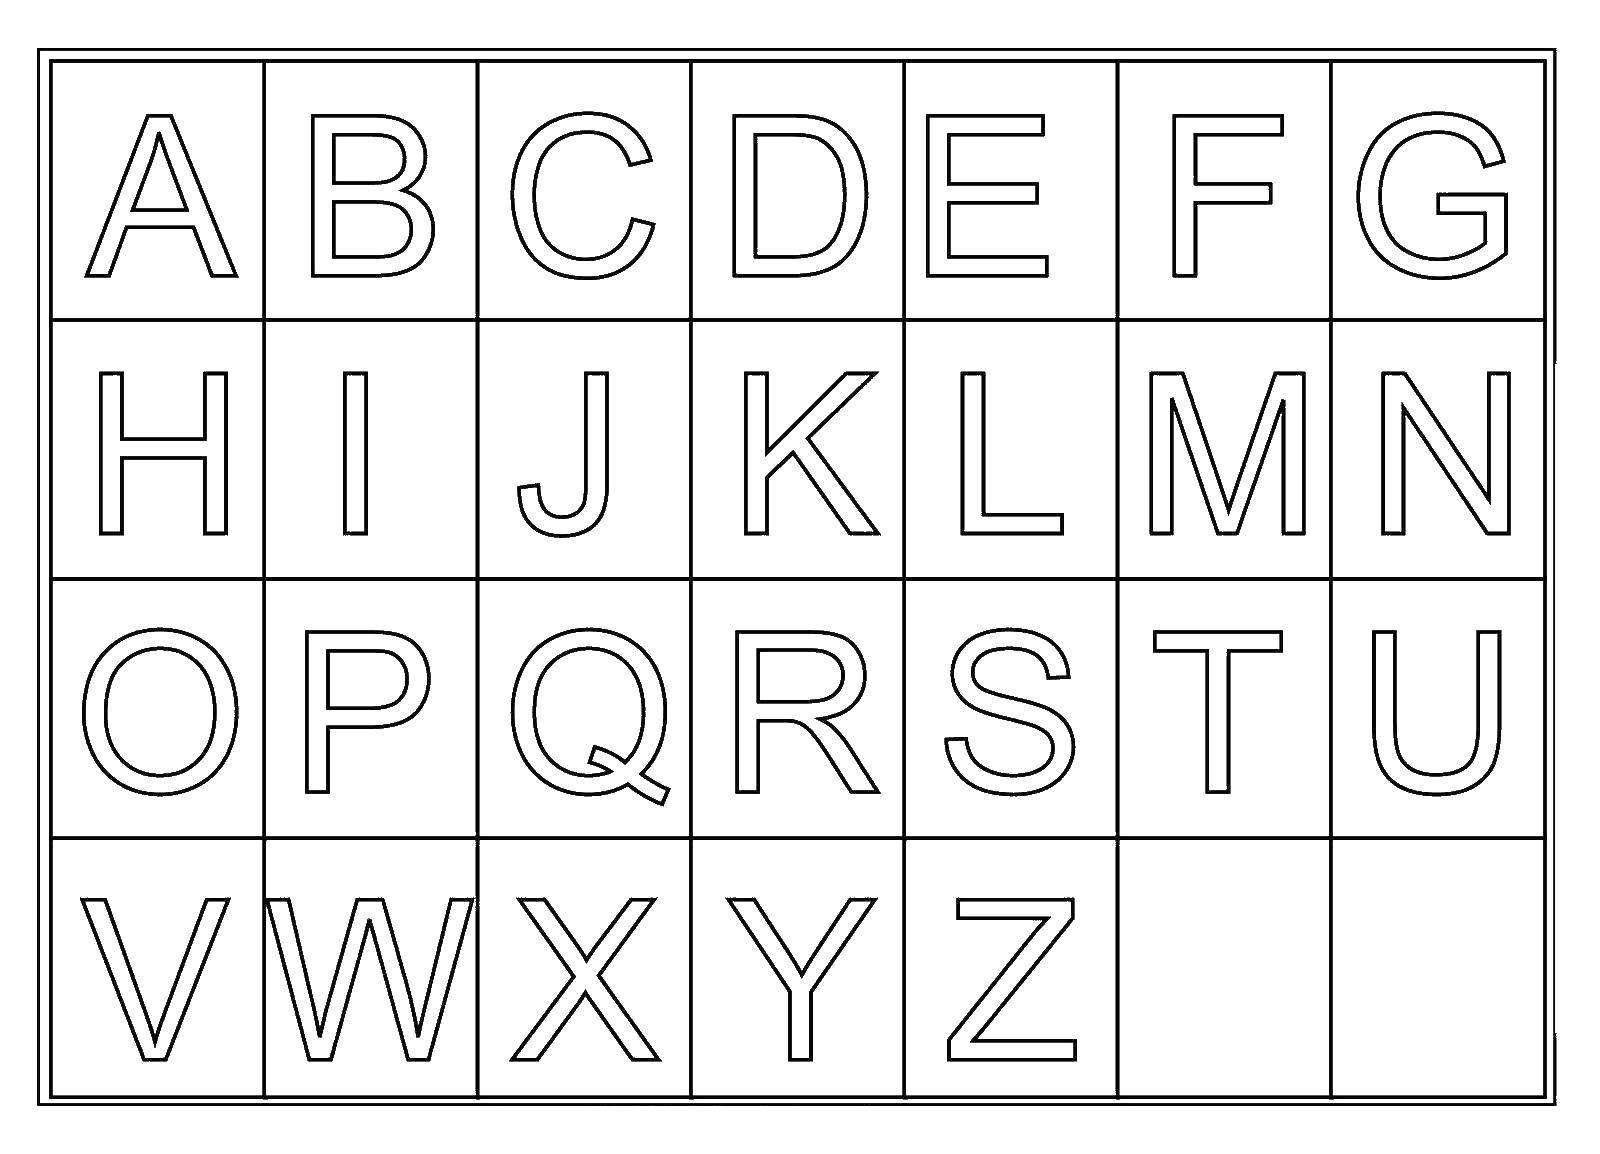 английские буквы в картинках для распечатки поселок